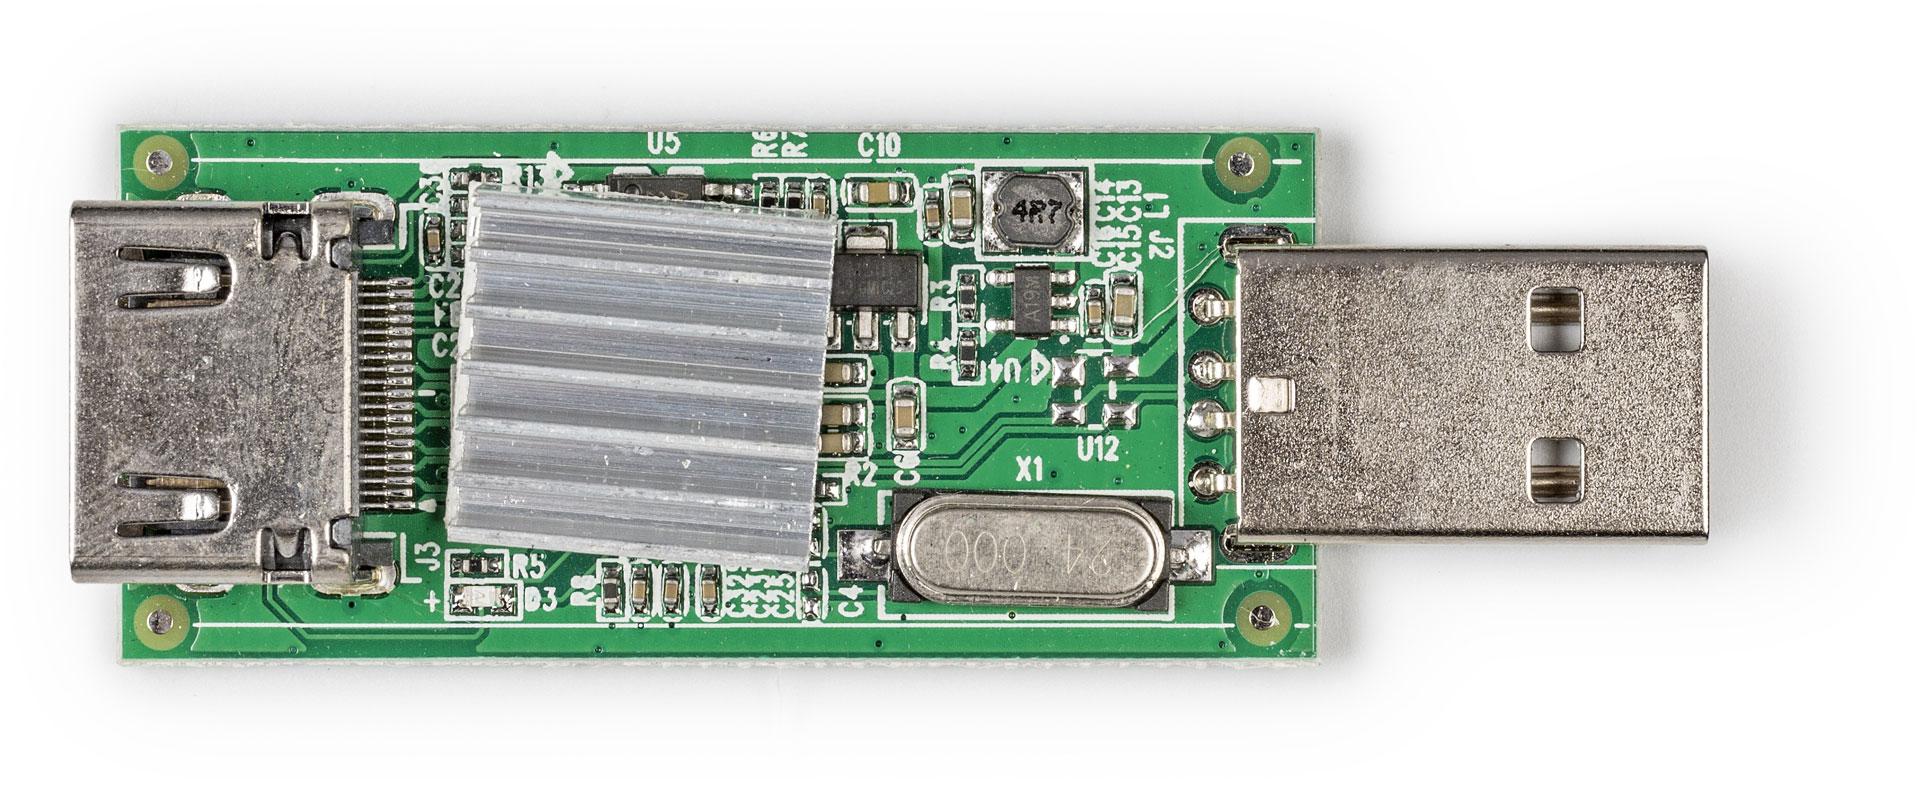 MS2109 converterchip video capture